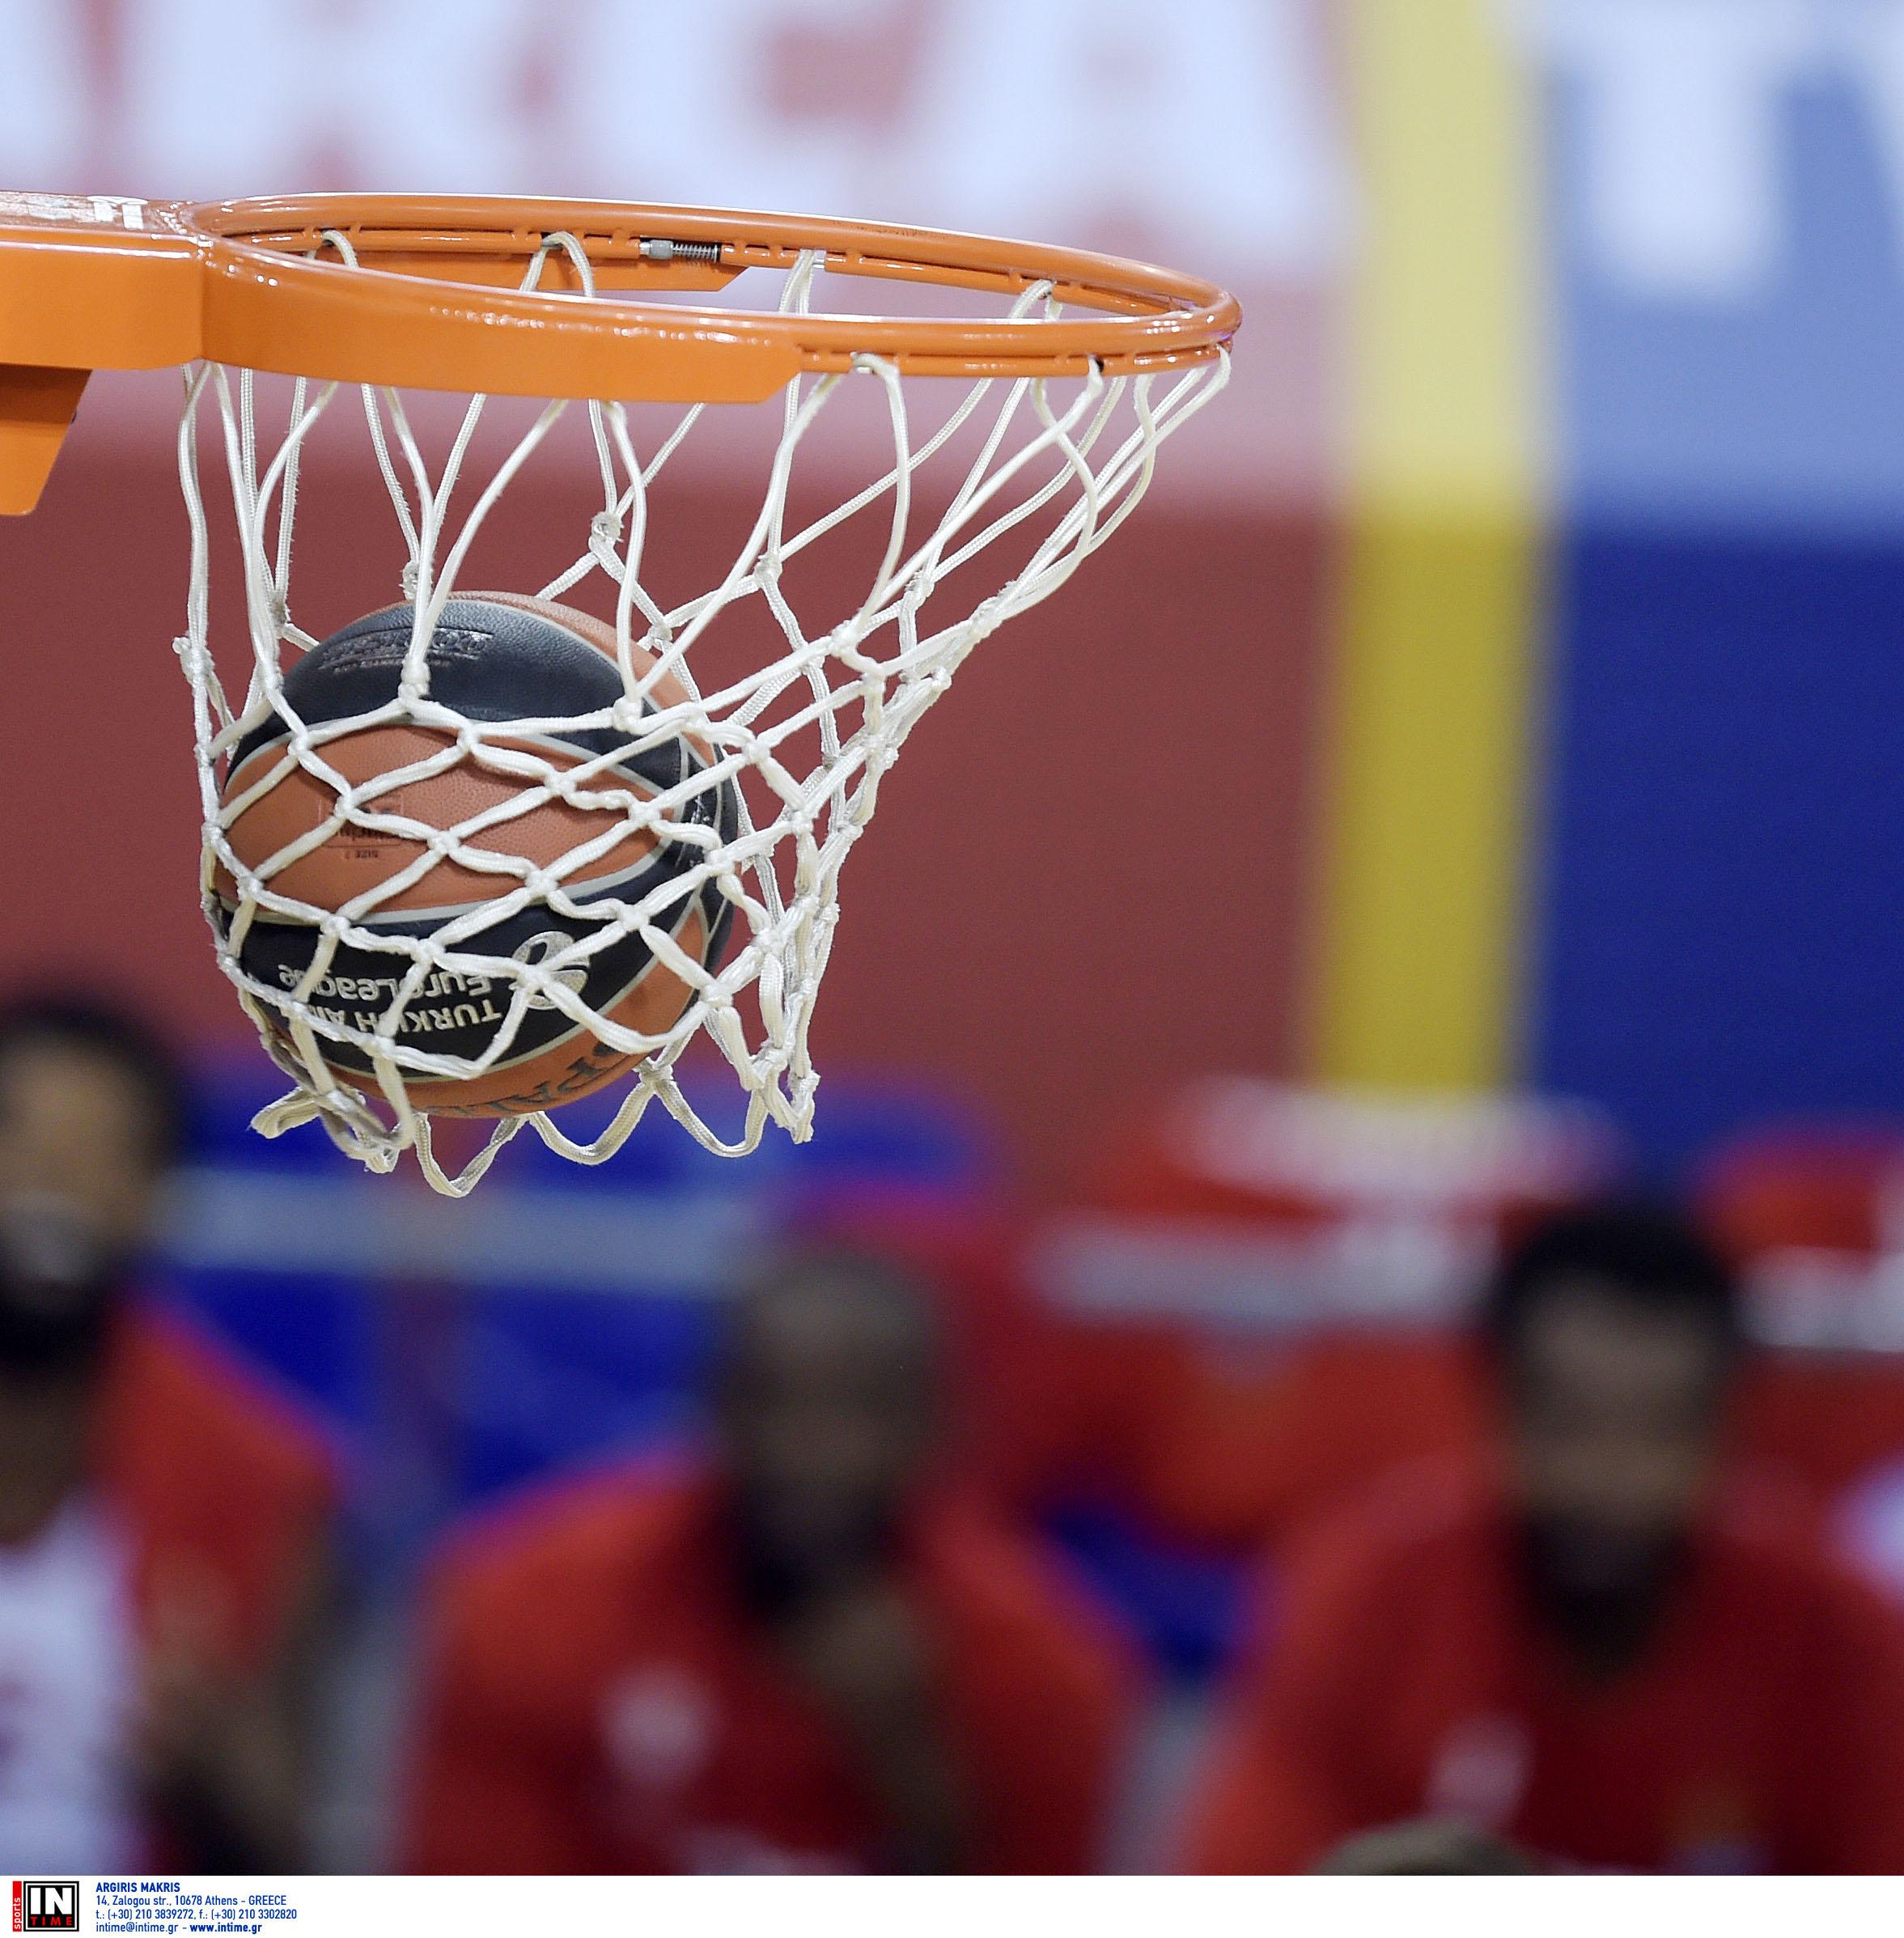 Με Ολυμπιακός – Μπαρτσελόνα και Superleague οι αθλητικές μεταδόσεις (28/01)